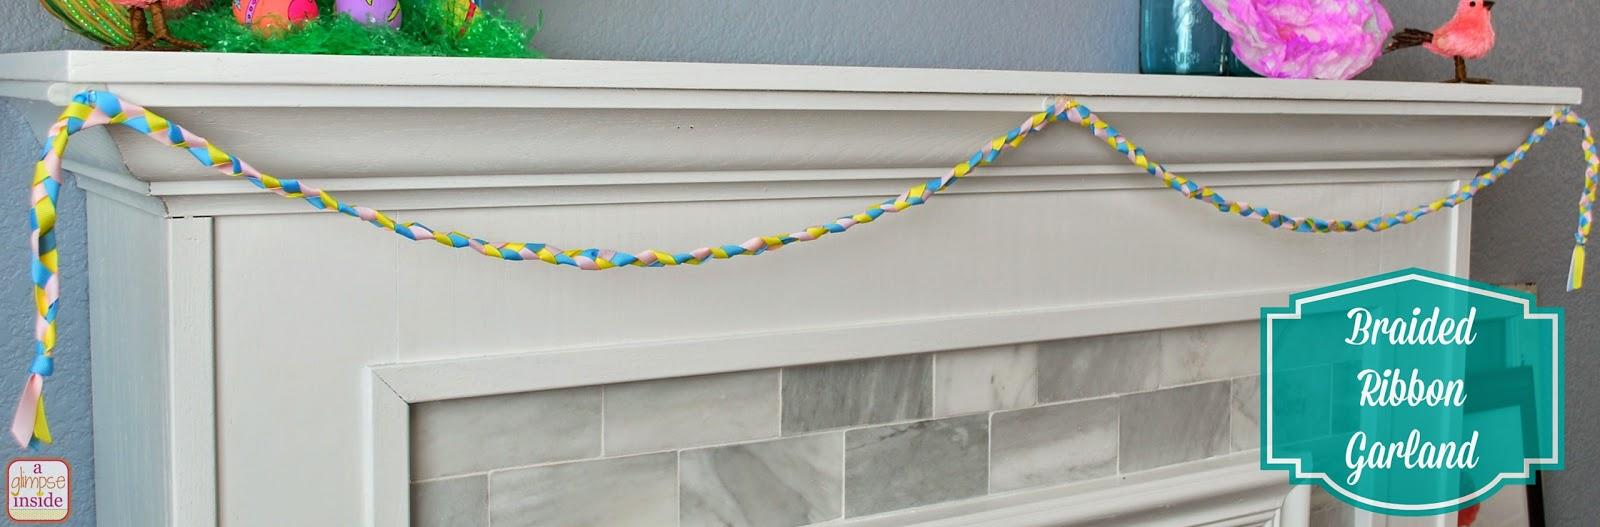 http://www.aglimpseinsideblog.com/2014/04/braided-ribbon-garland.html